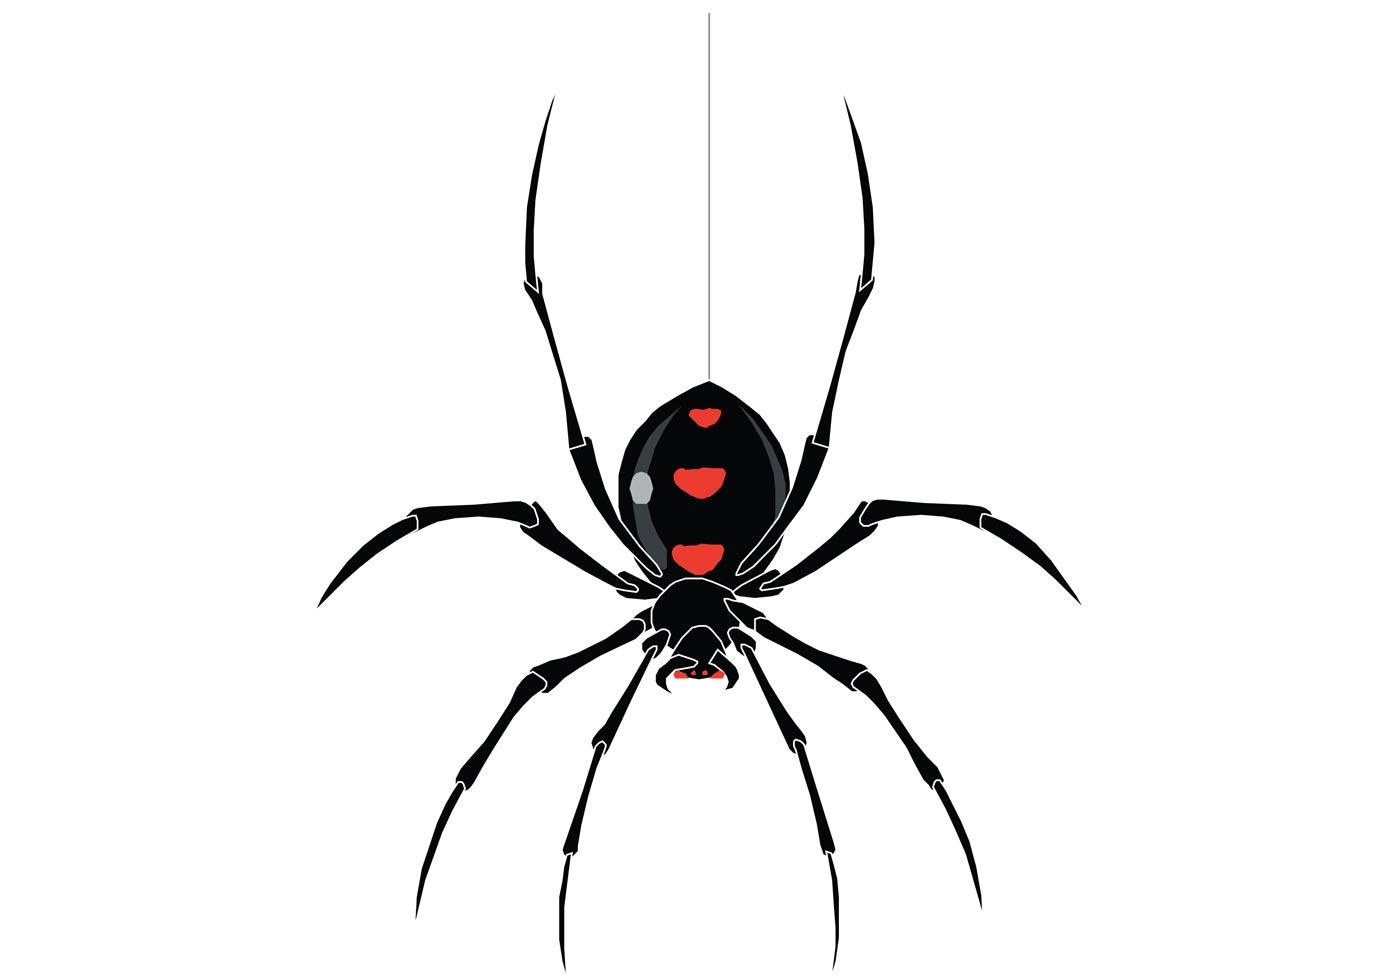 Spider Vector | Free Vector Art at Vecteezy!